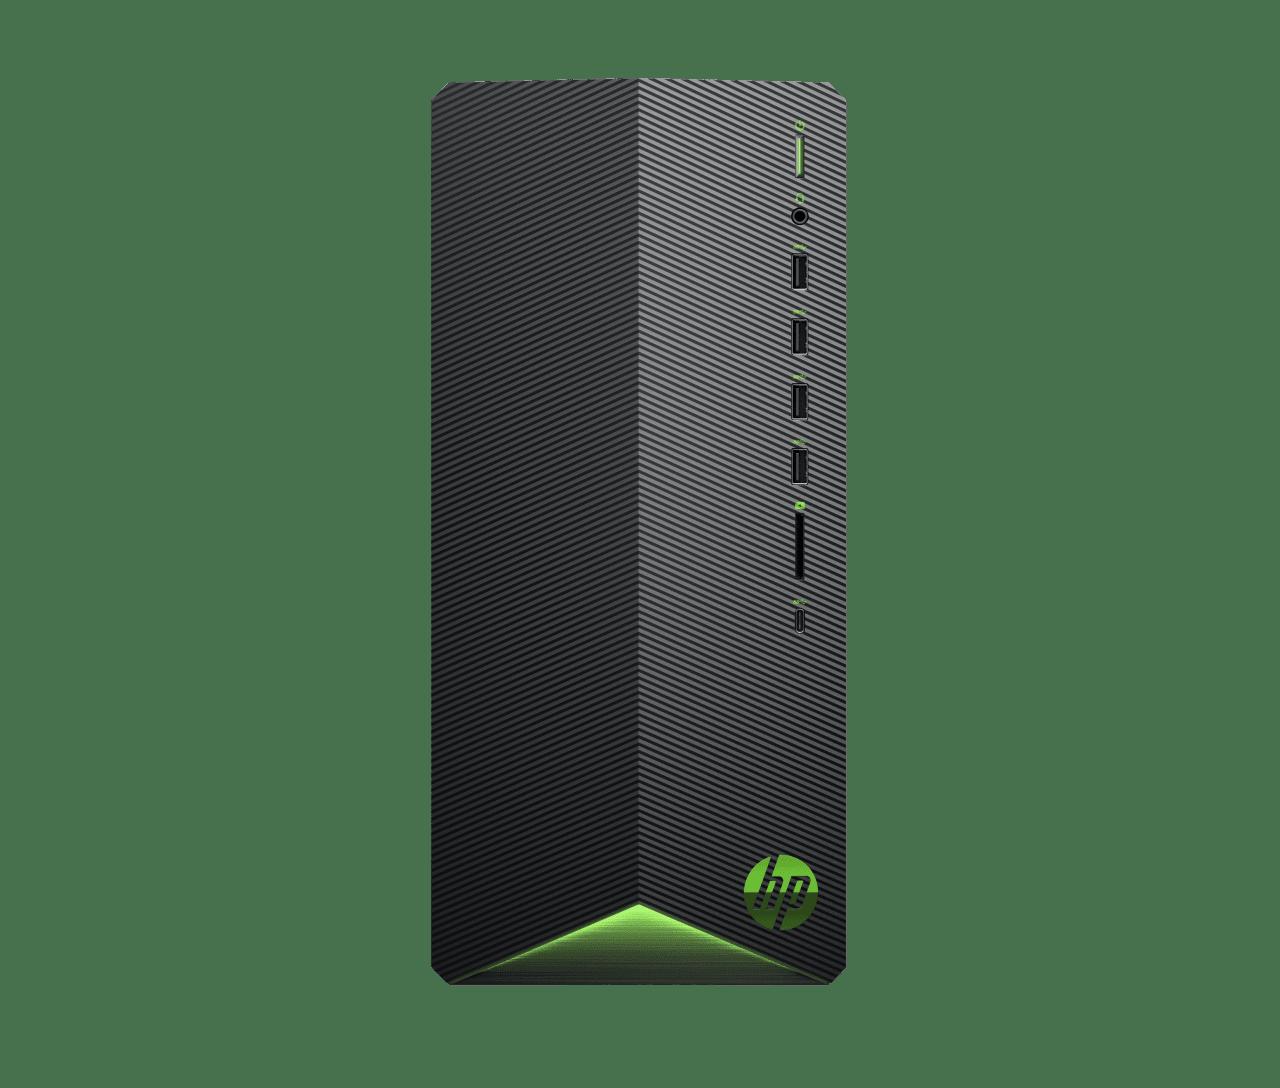 Black HP Pavilion Gaming Desktop TG01-0020ng.1